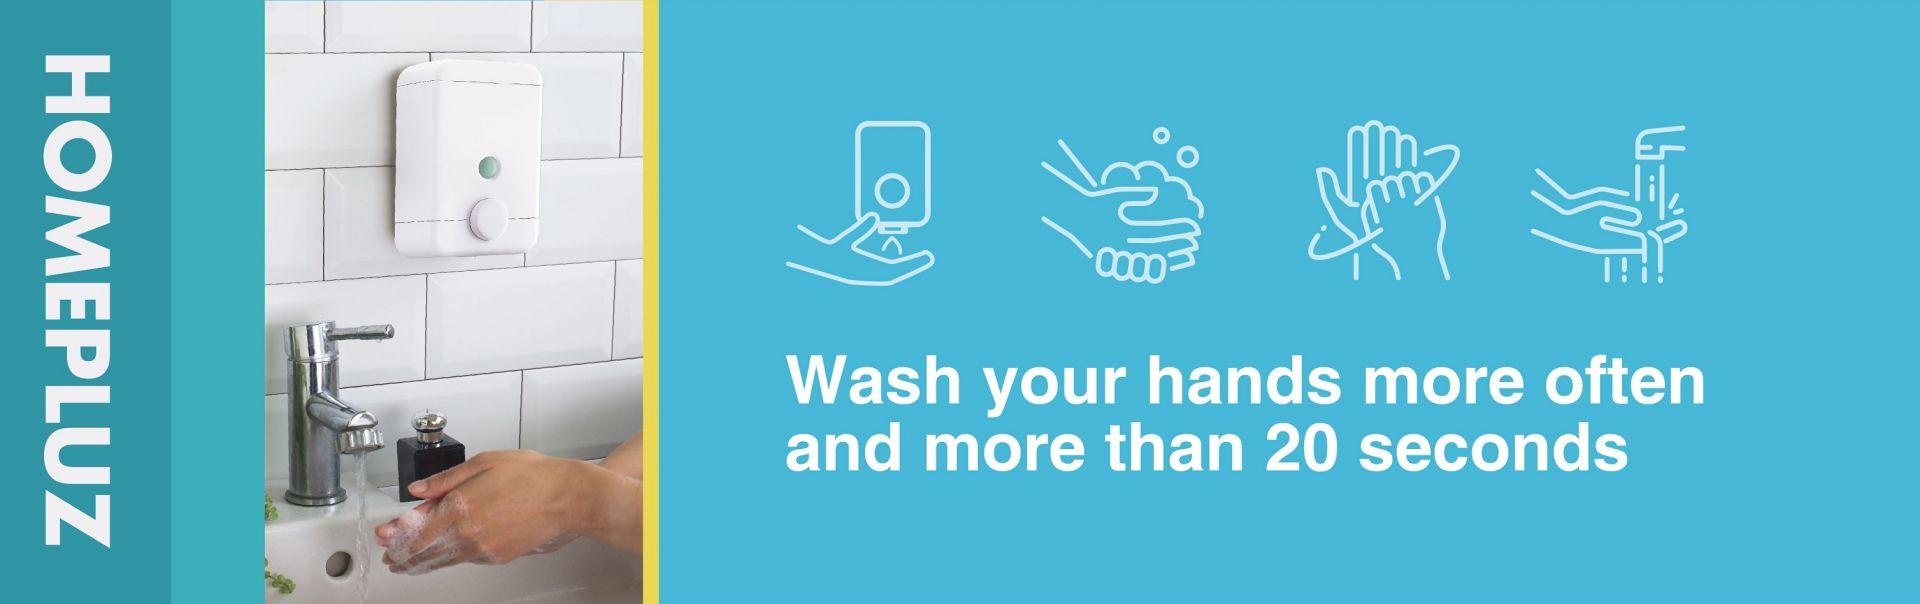 غسل اليدين للابتعاد عن الفيروسات